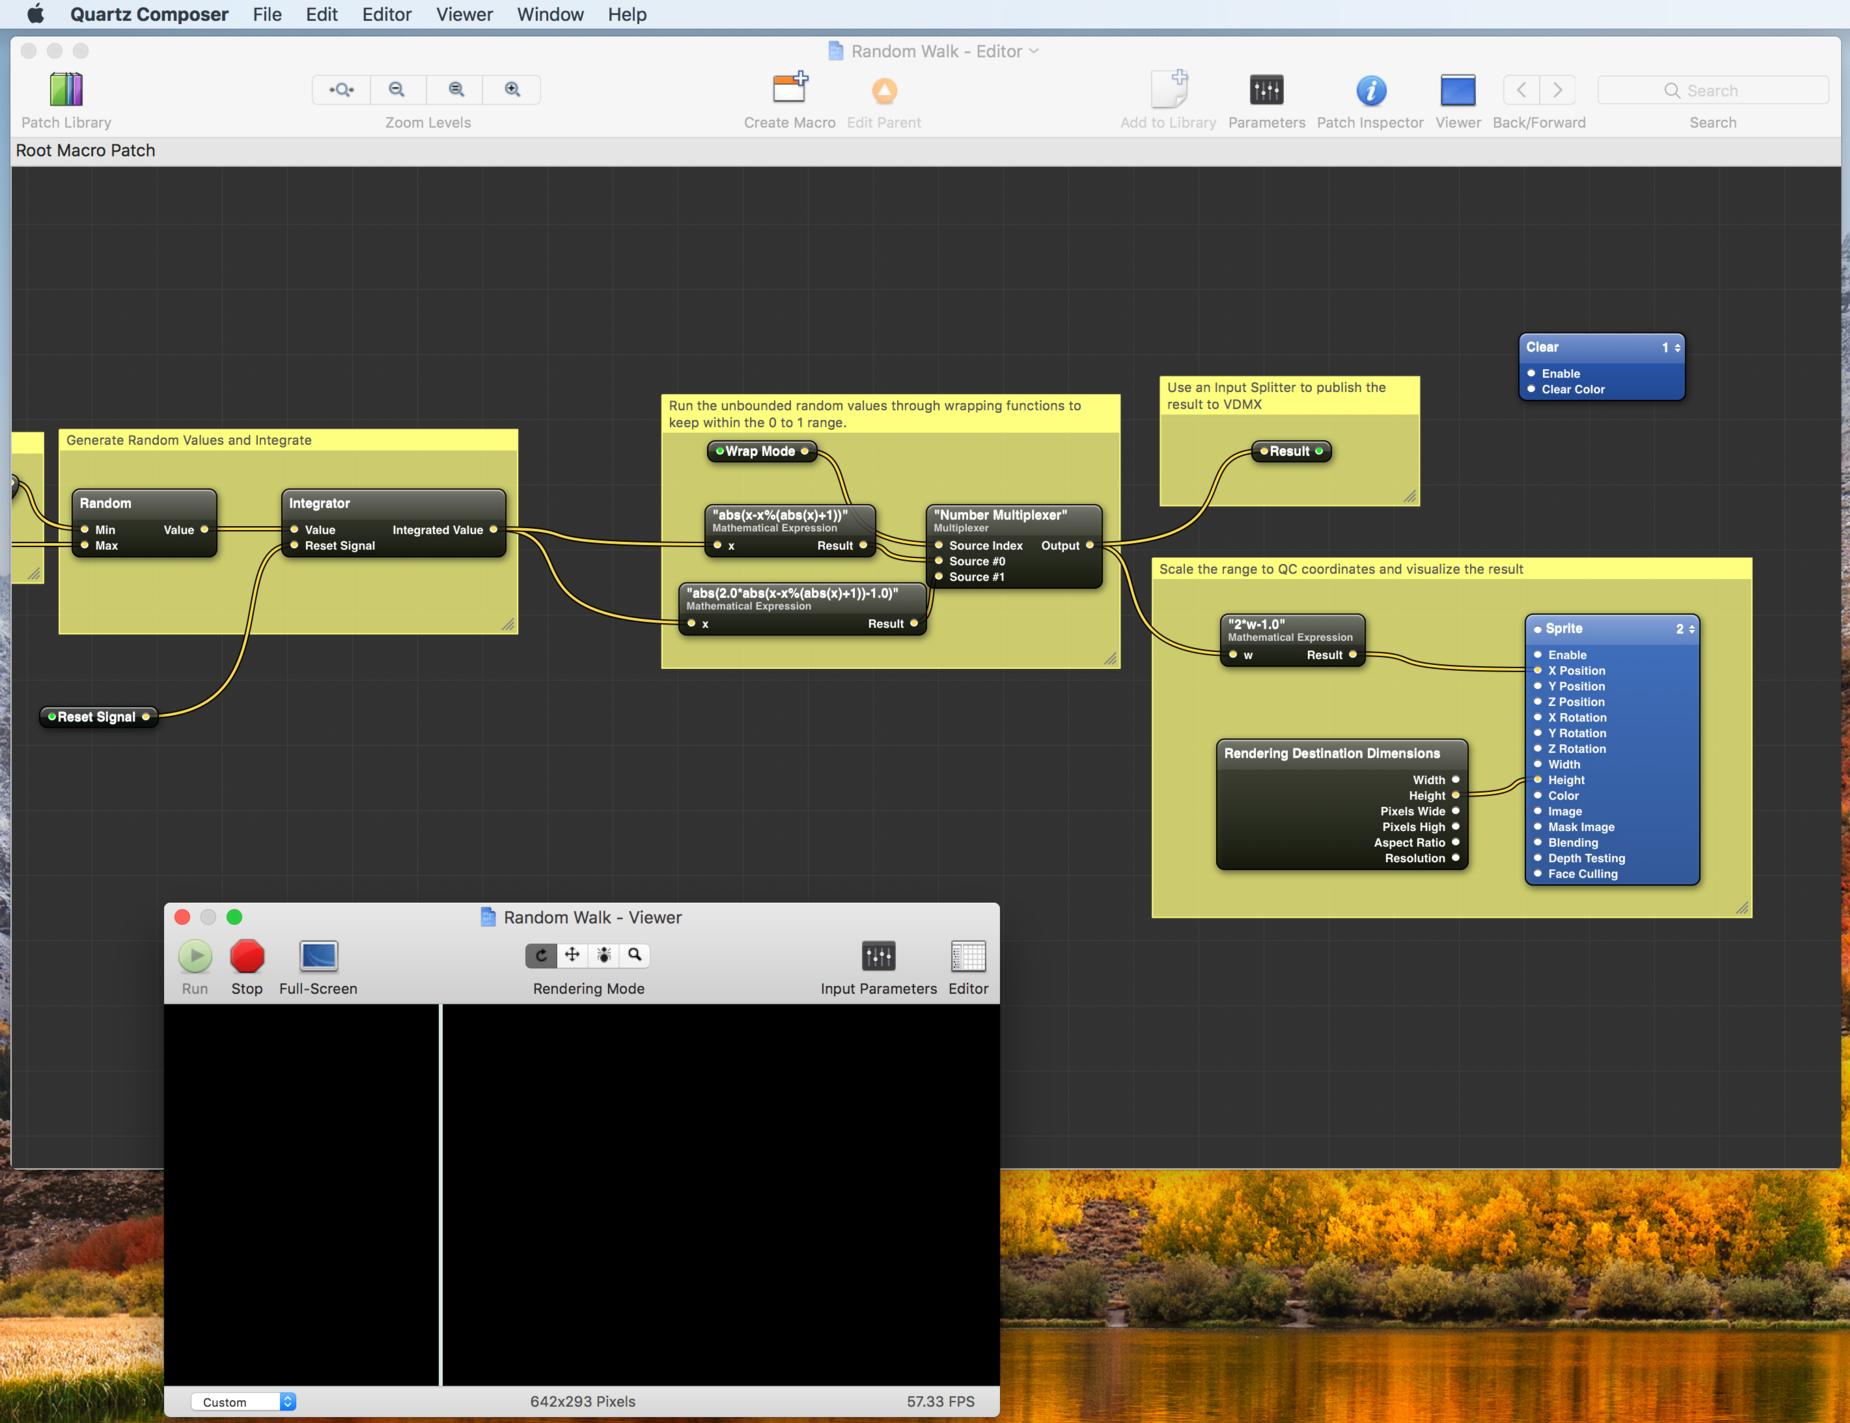 """Editing the """"Random Walk"""" plugin in Quartz Composer."""